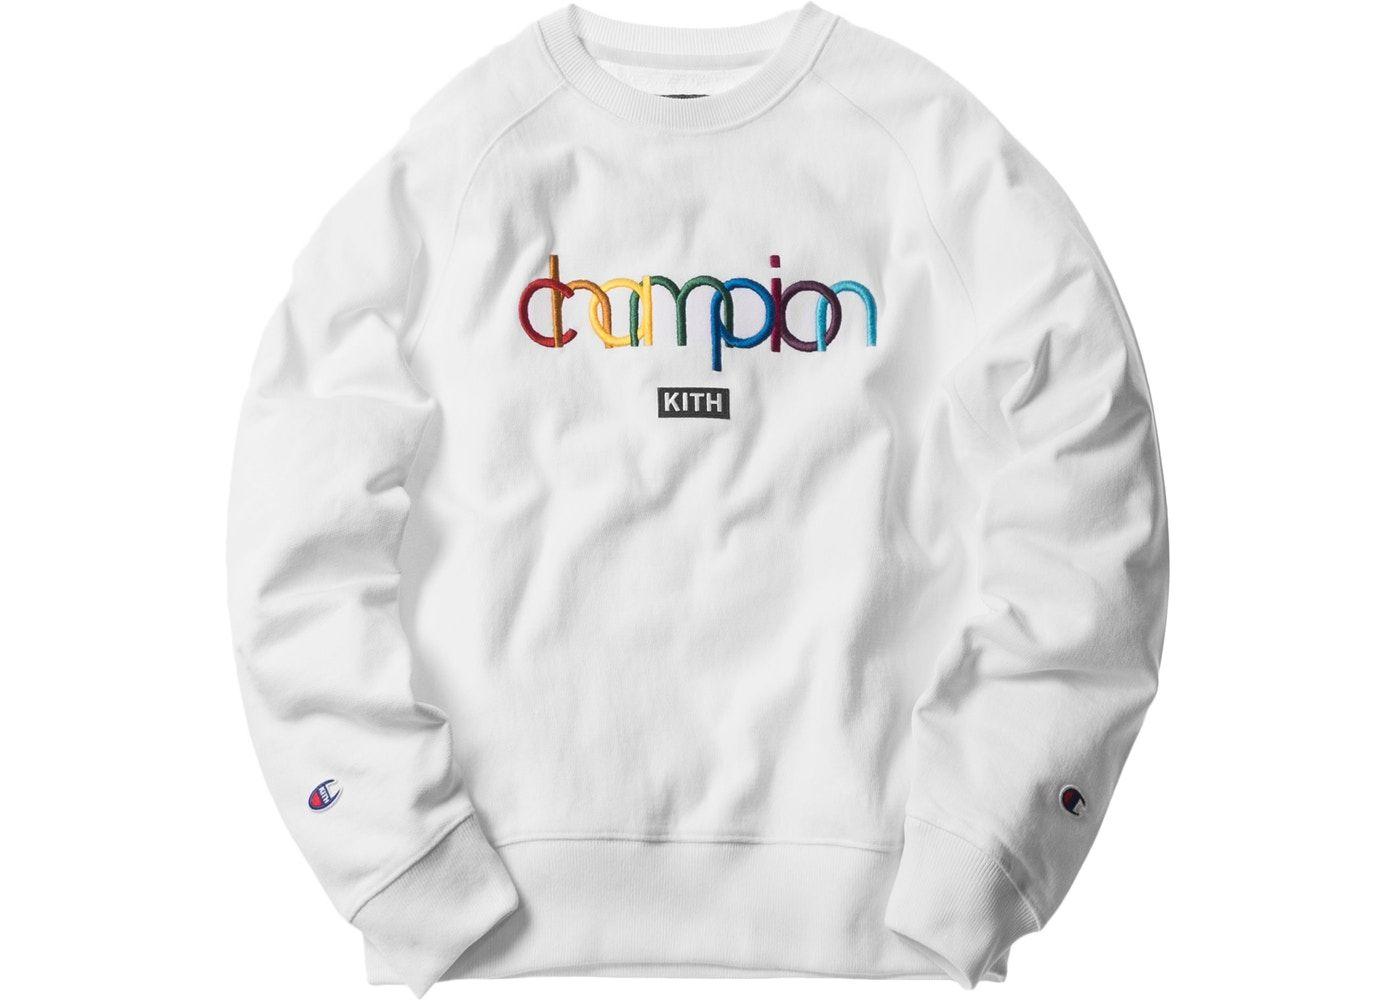 Kith X Champion Sweatshirts Kith White Sweatshirt [ 1000 x 1400 Pixel ]